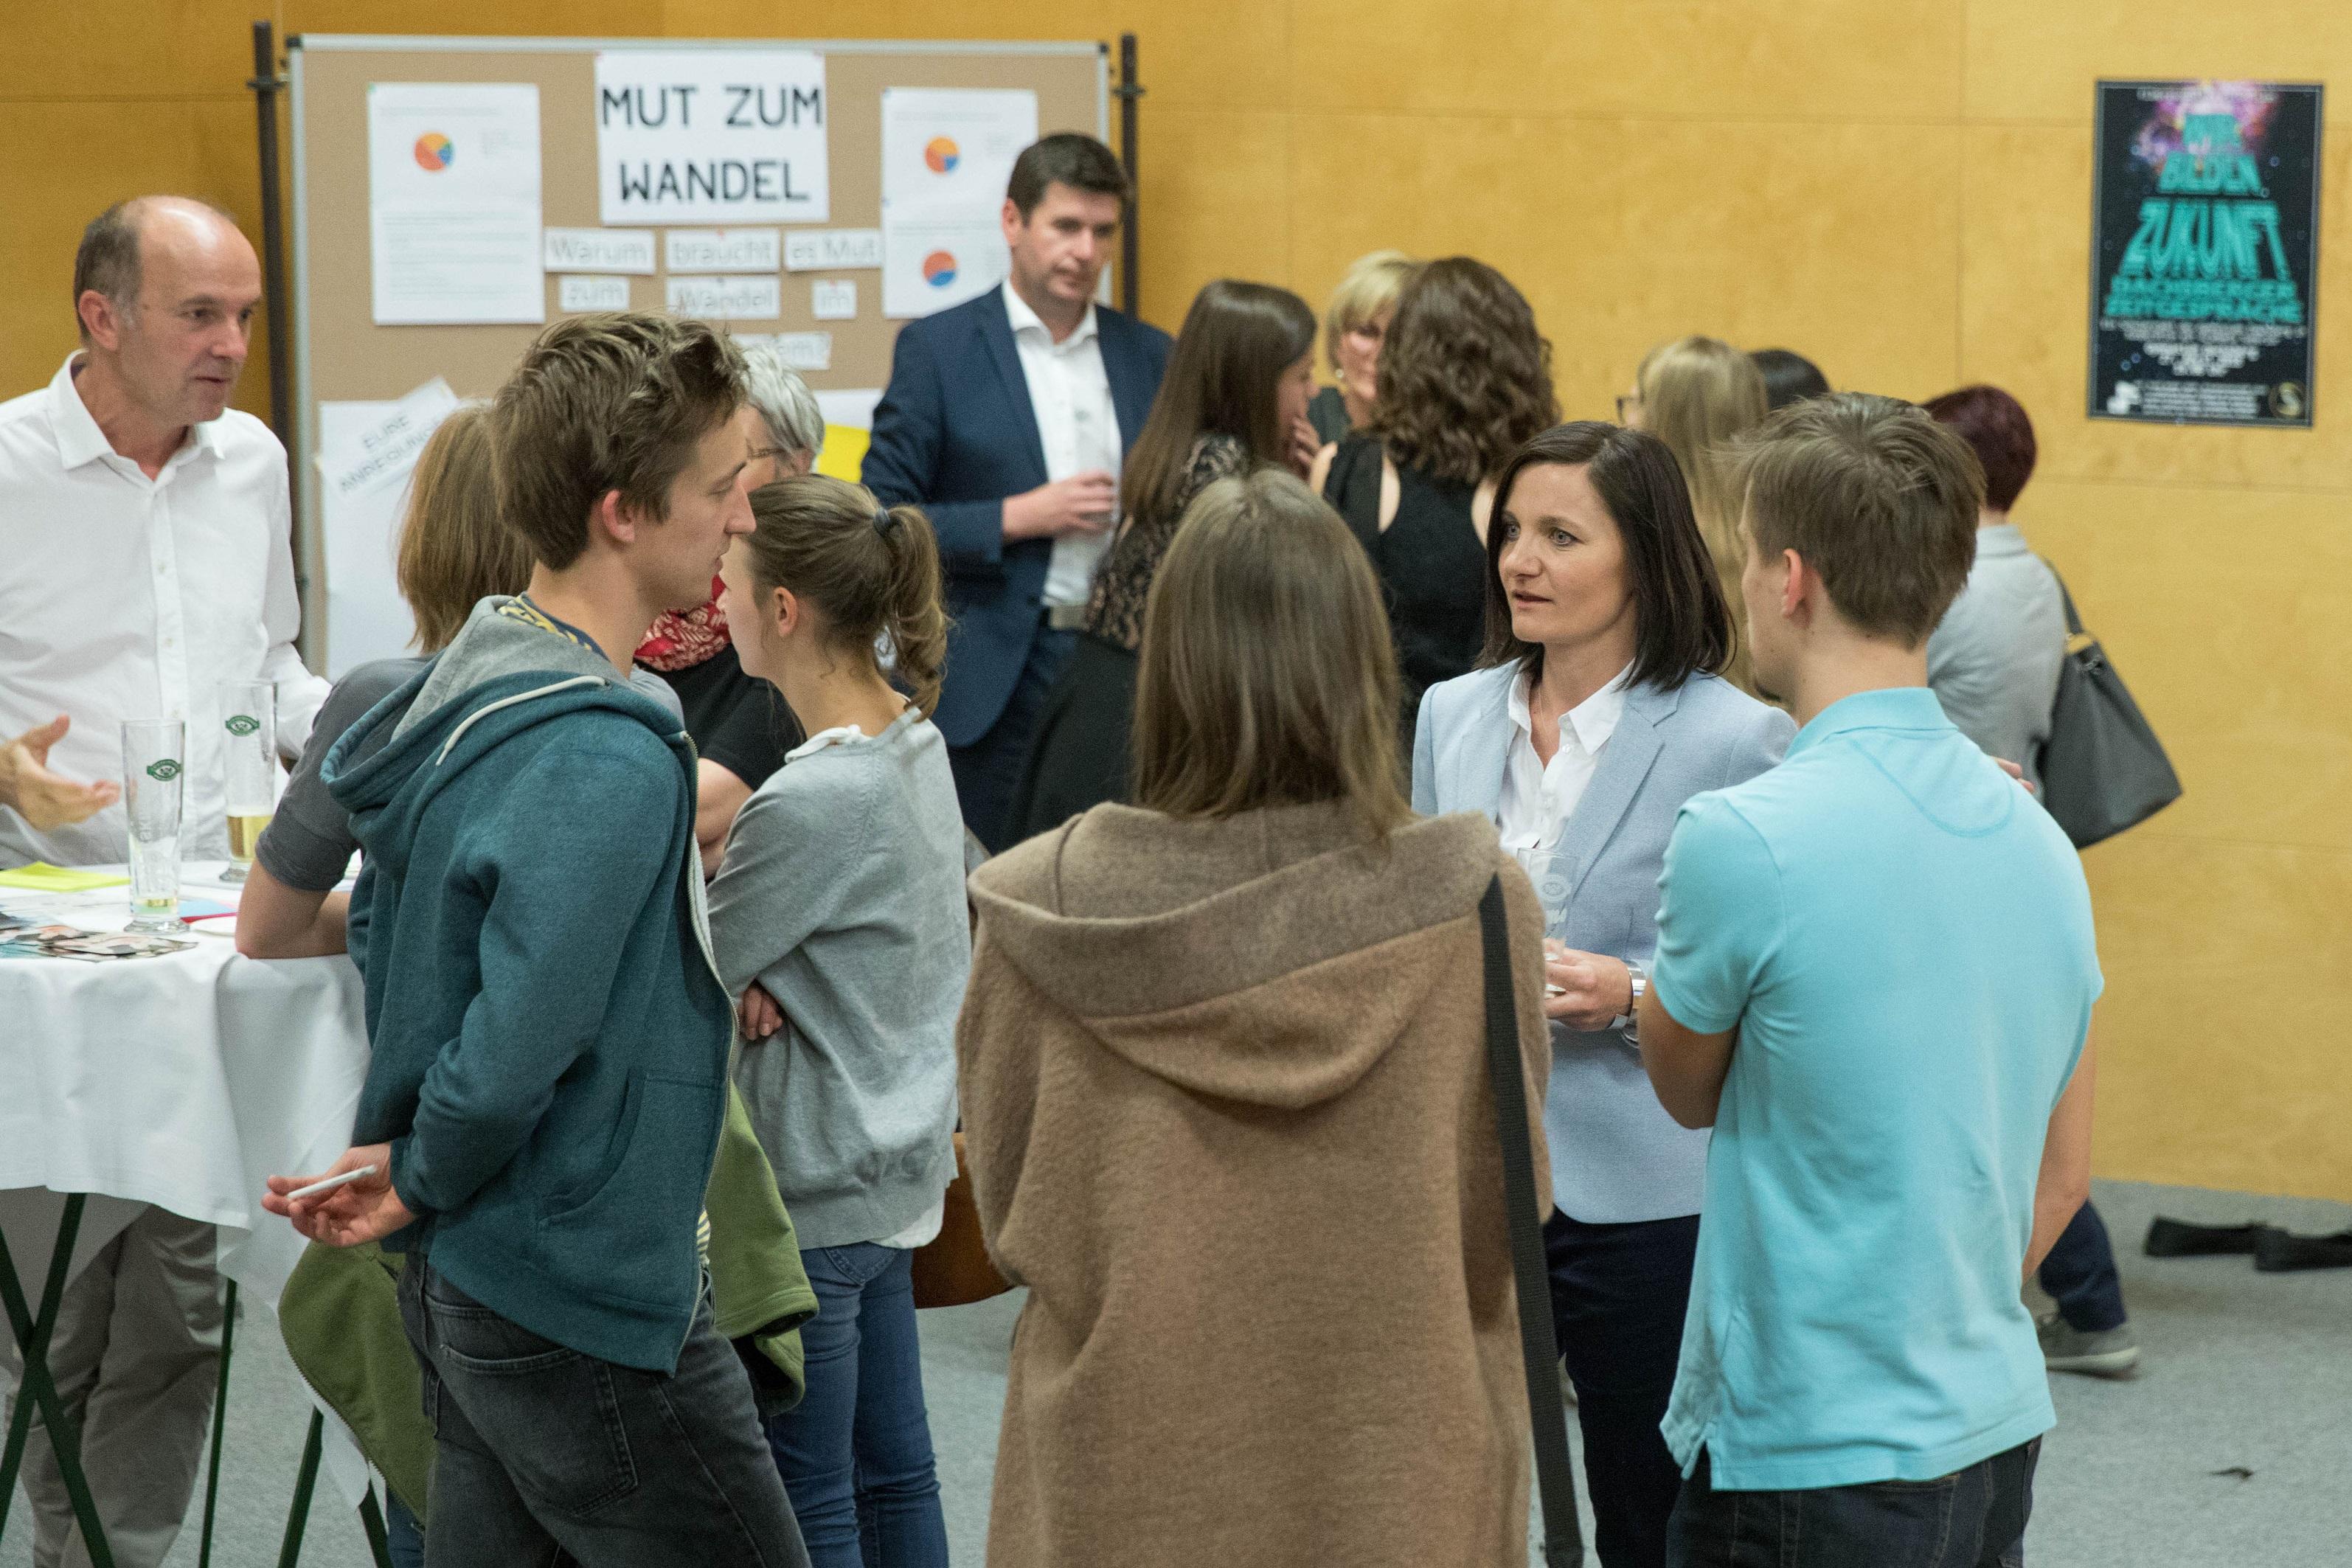 Foto 3: Marktplatz der Bildung